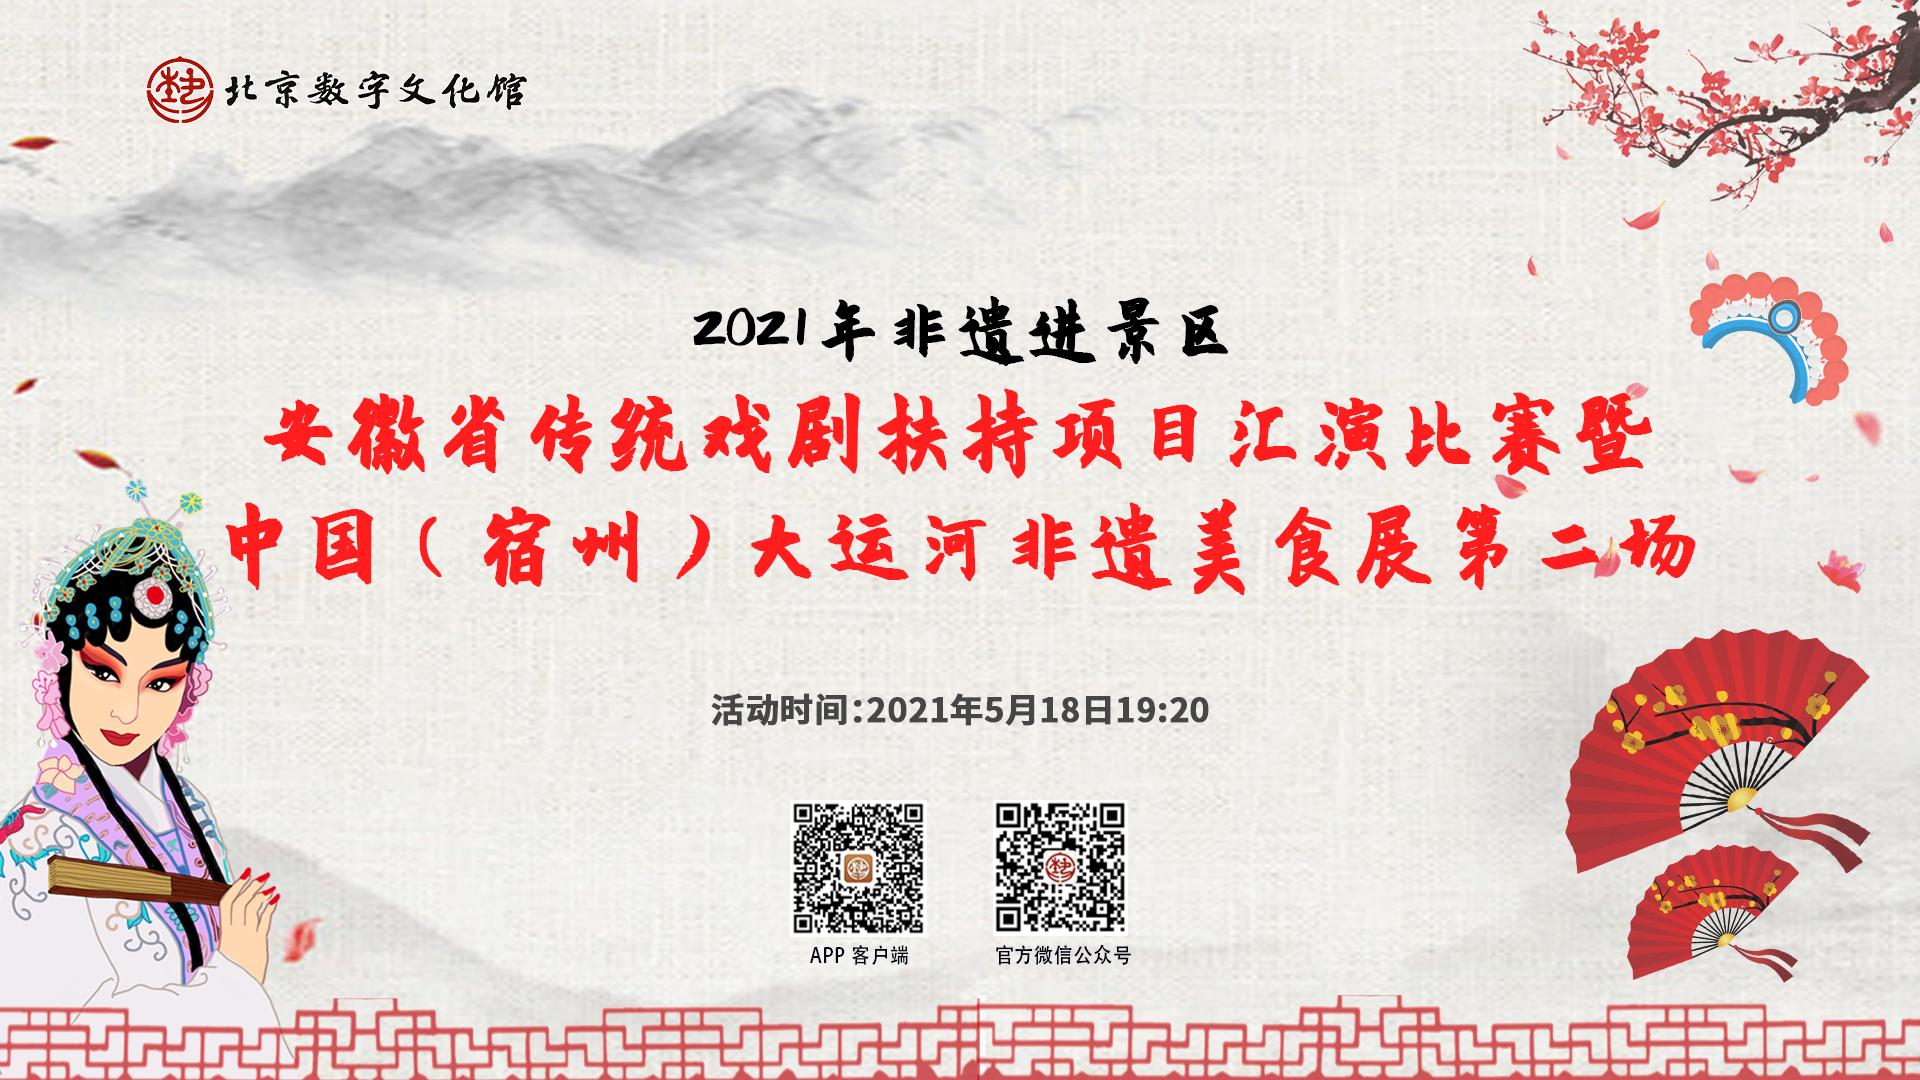 2021年非遺進景區——安徽省傳統戲劇扶持項目彙演比賽暨中國(宿州)大運河非遺美食展第二場